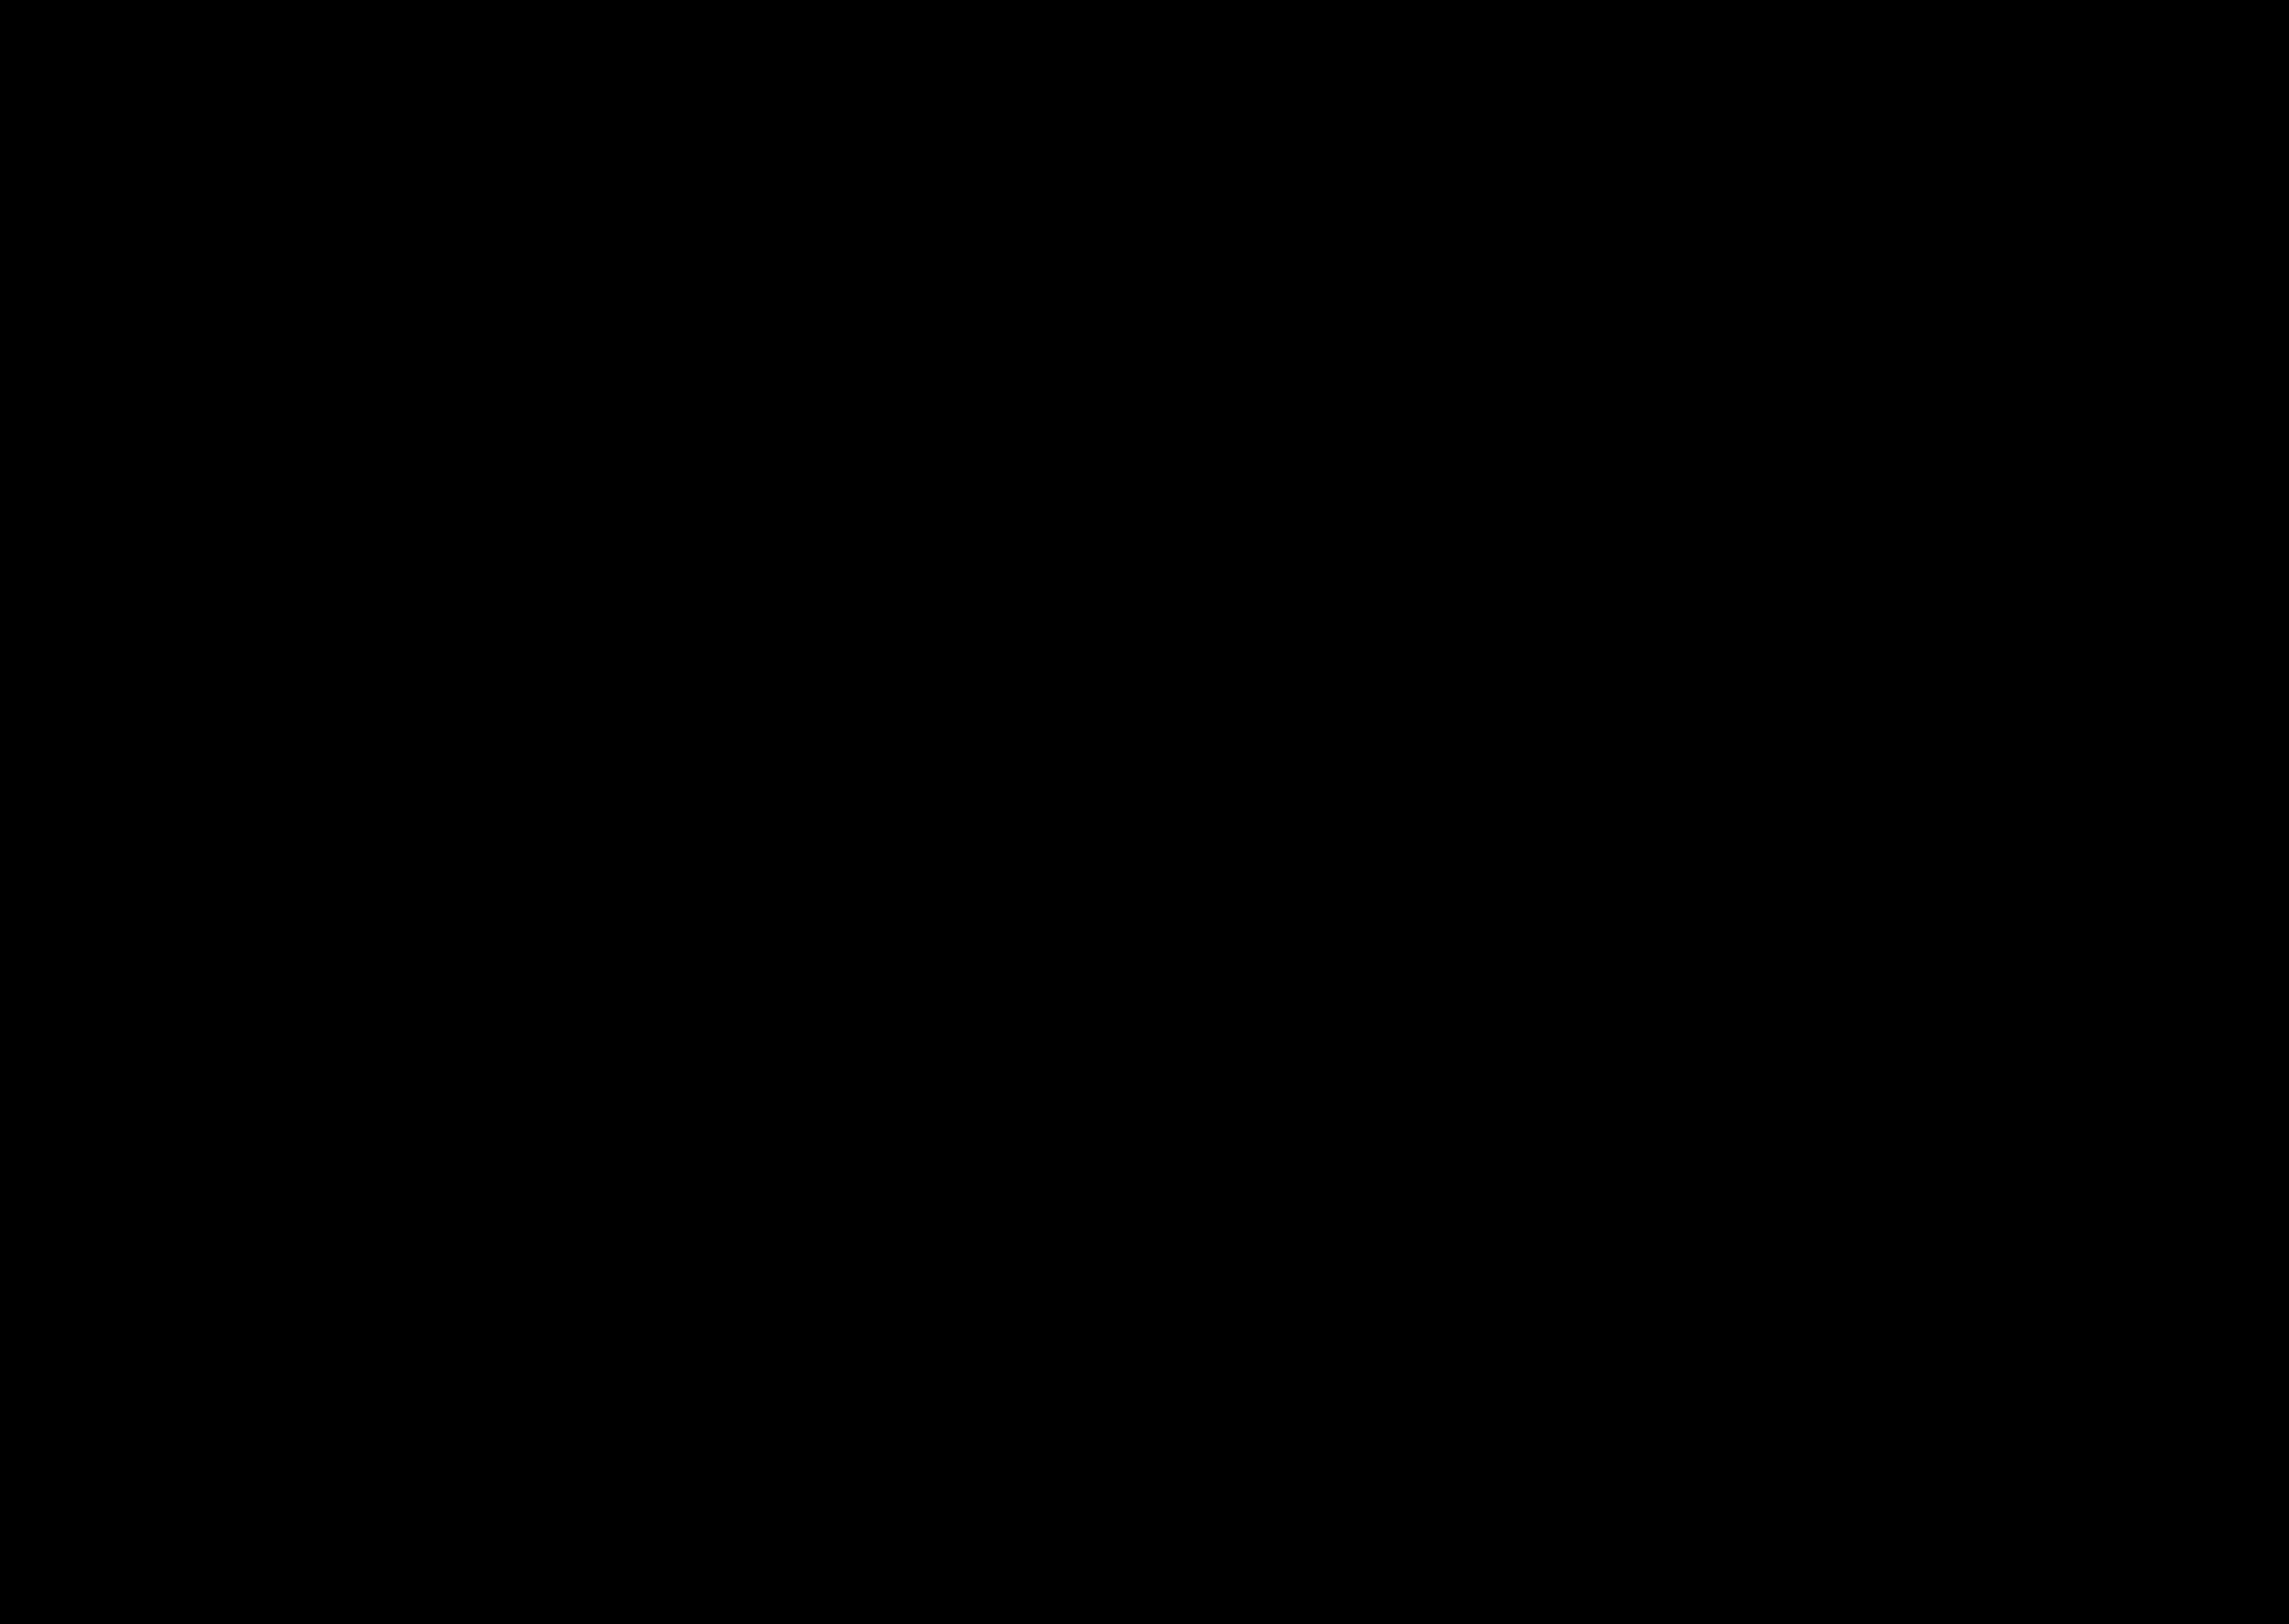 Magnolia Silhouette Clipart Clipground